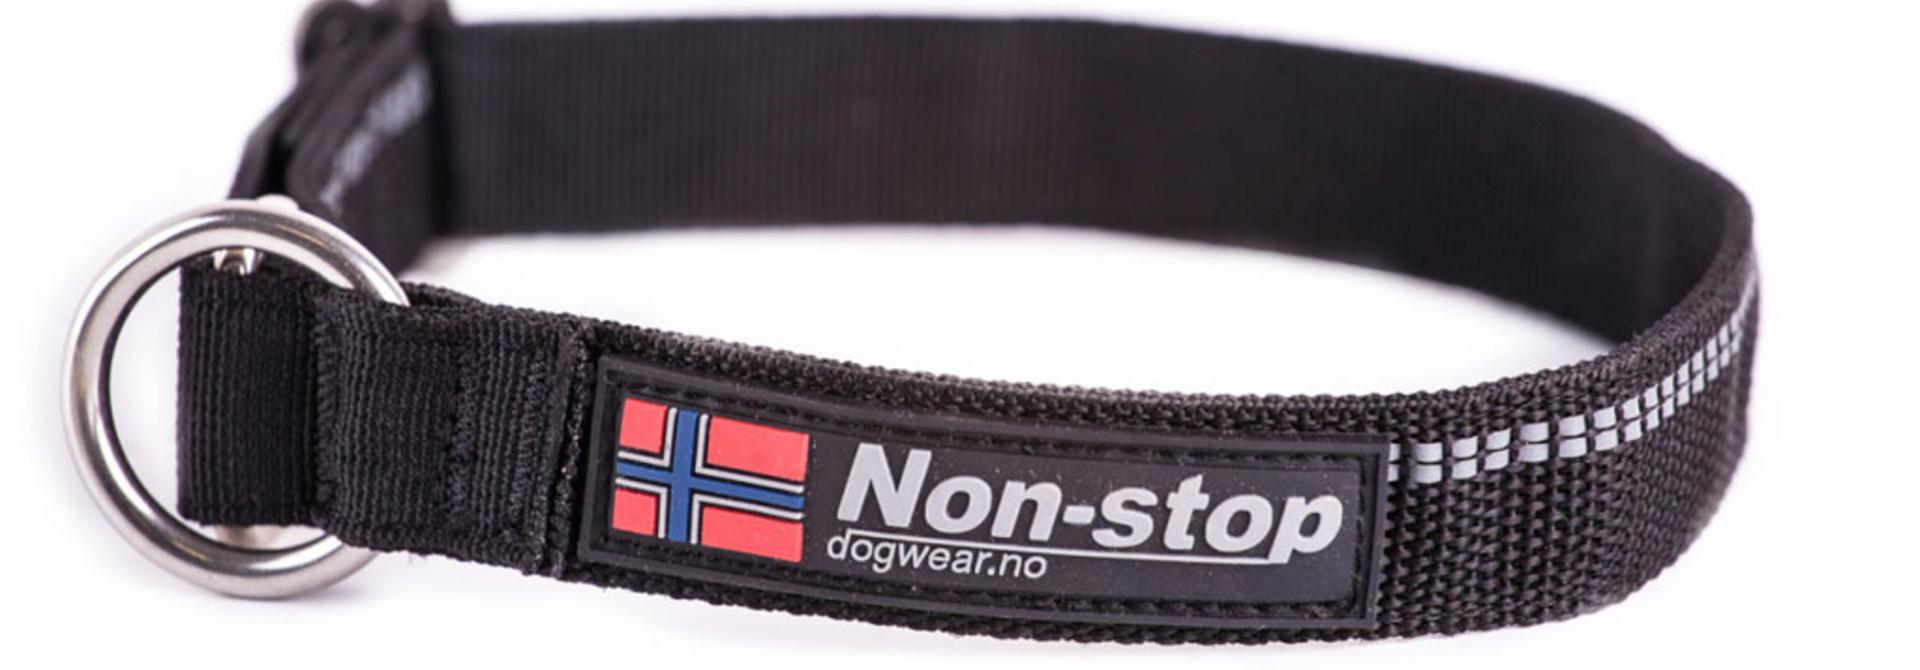 Non-stop Polypro Collar